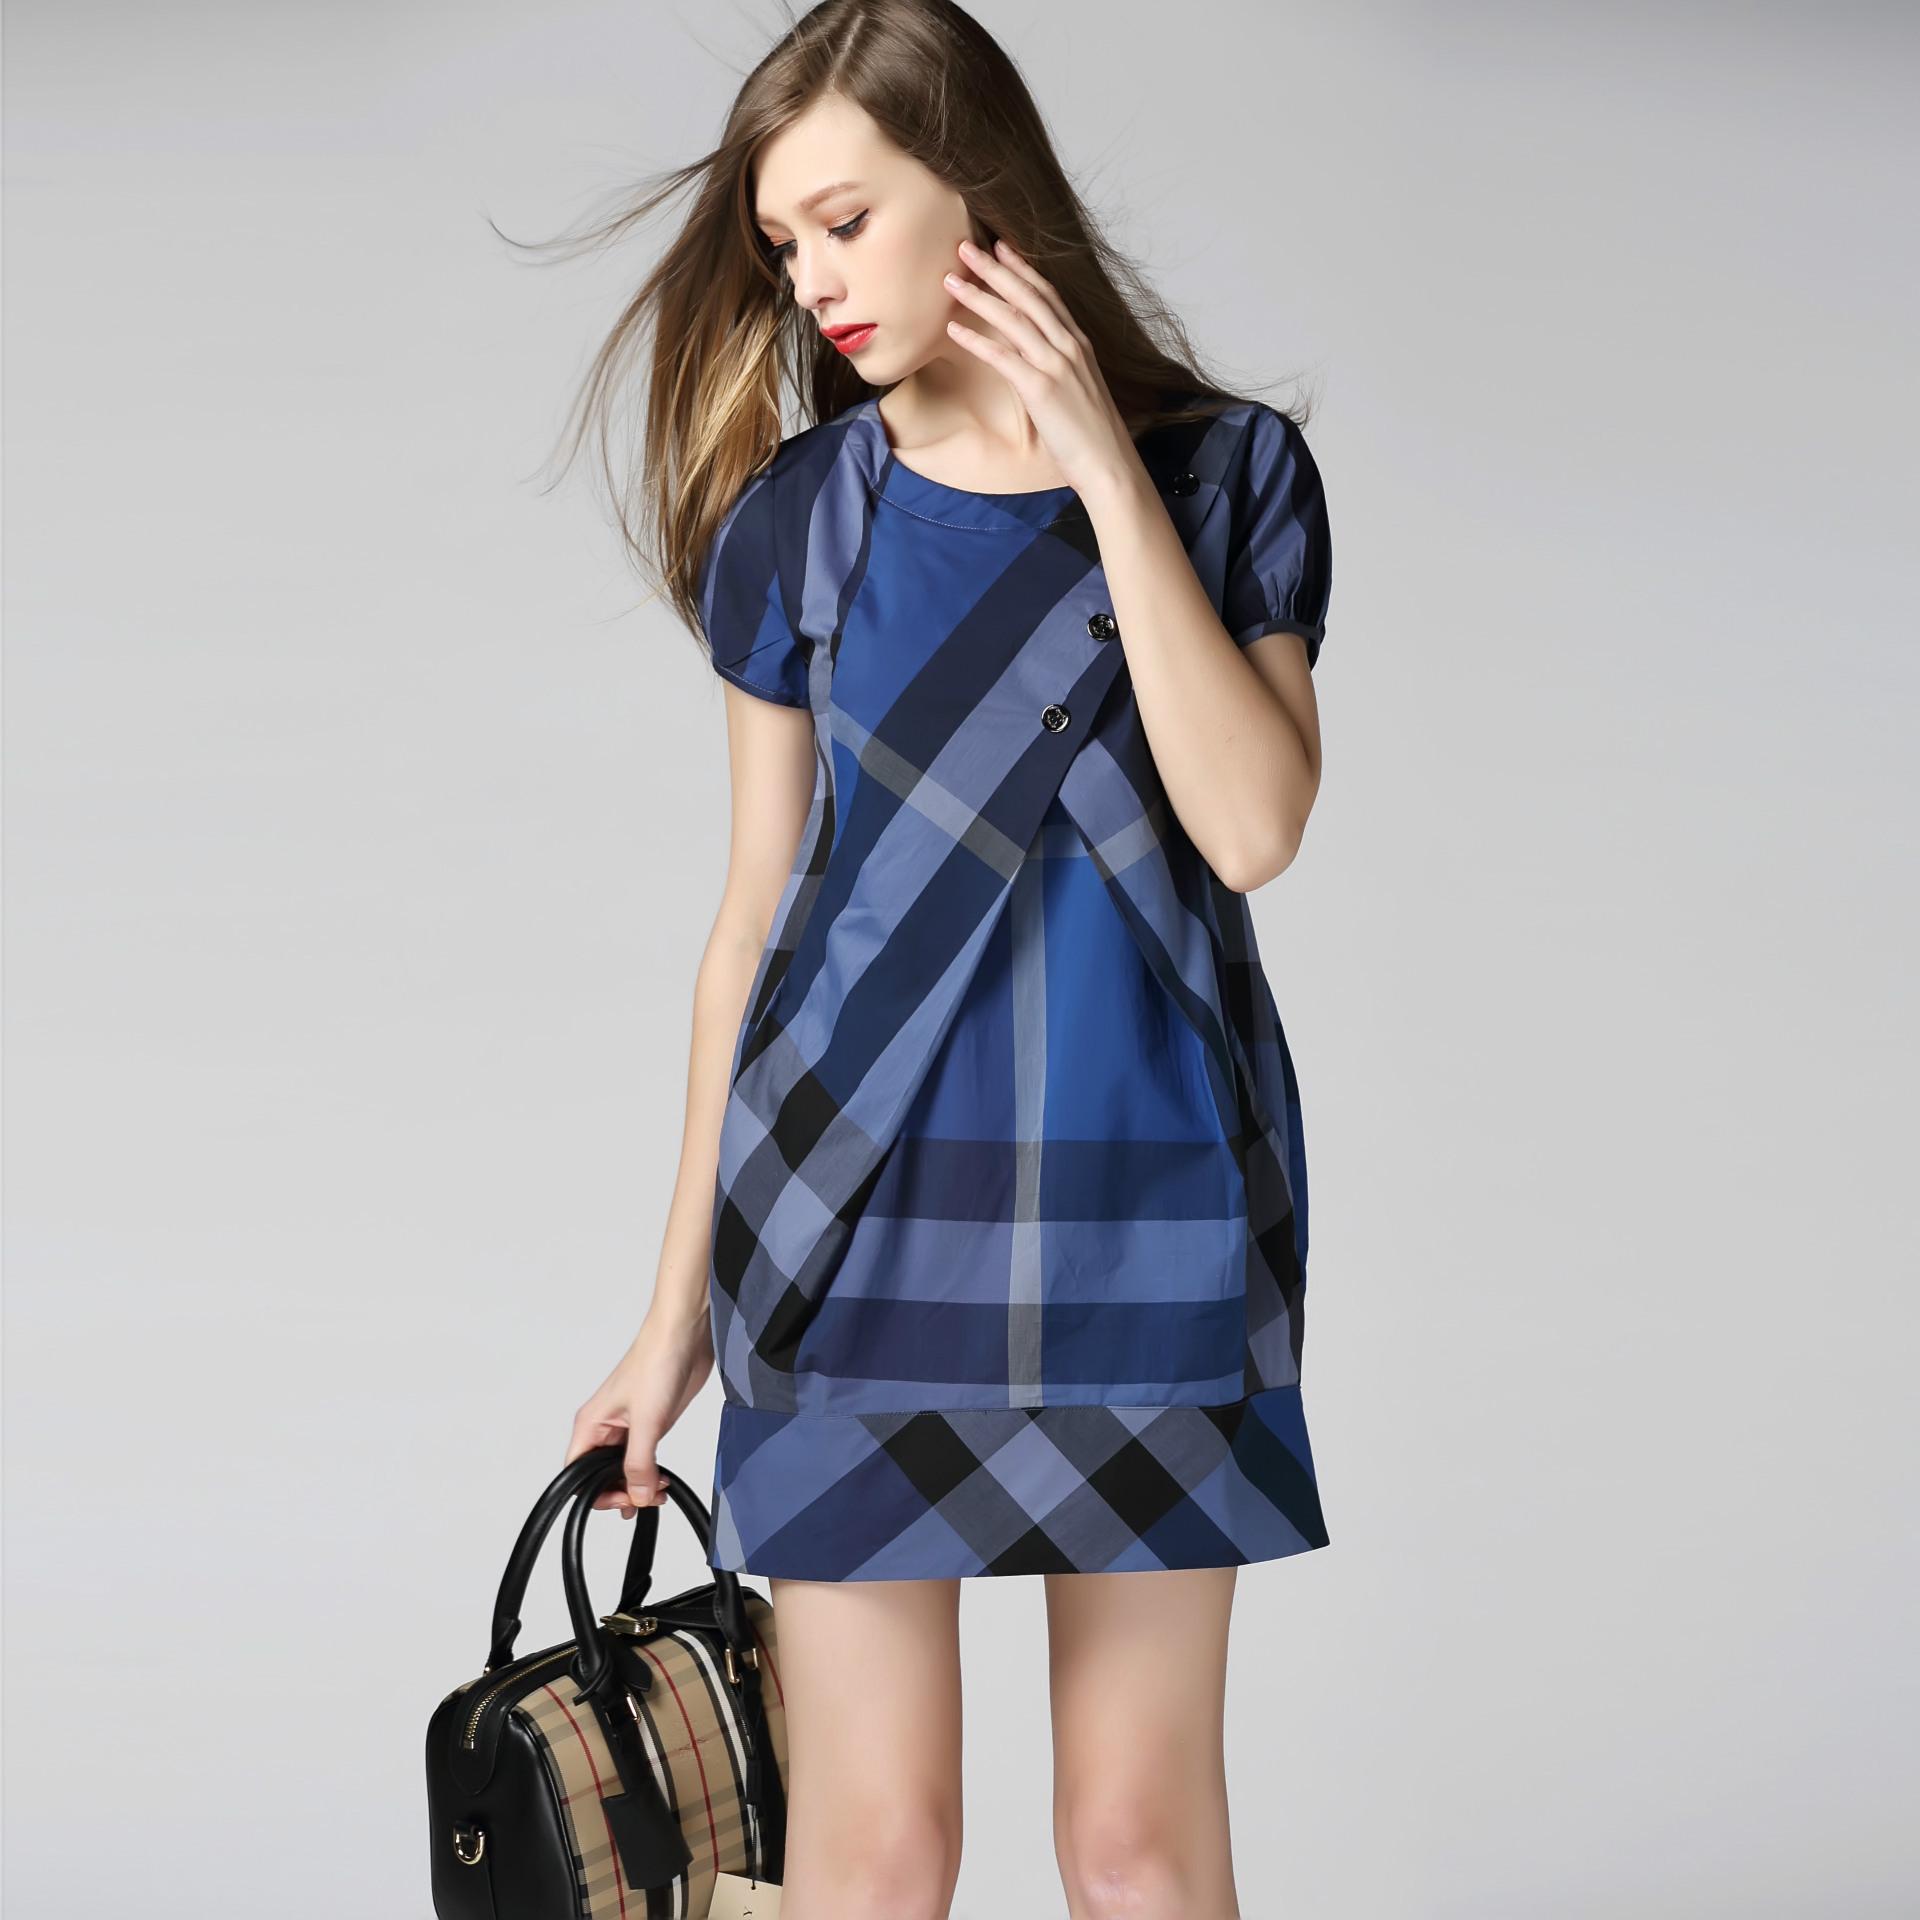 夏装新款 大牌同款短袖格子连衣裙纯棉宽松大码 深圳高端外贸女装